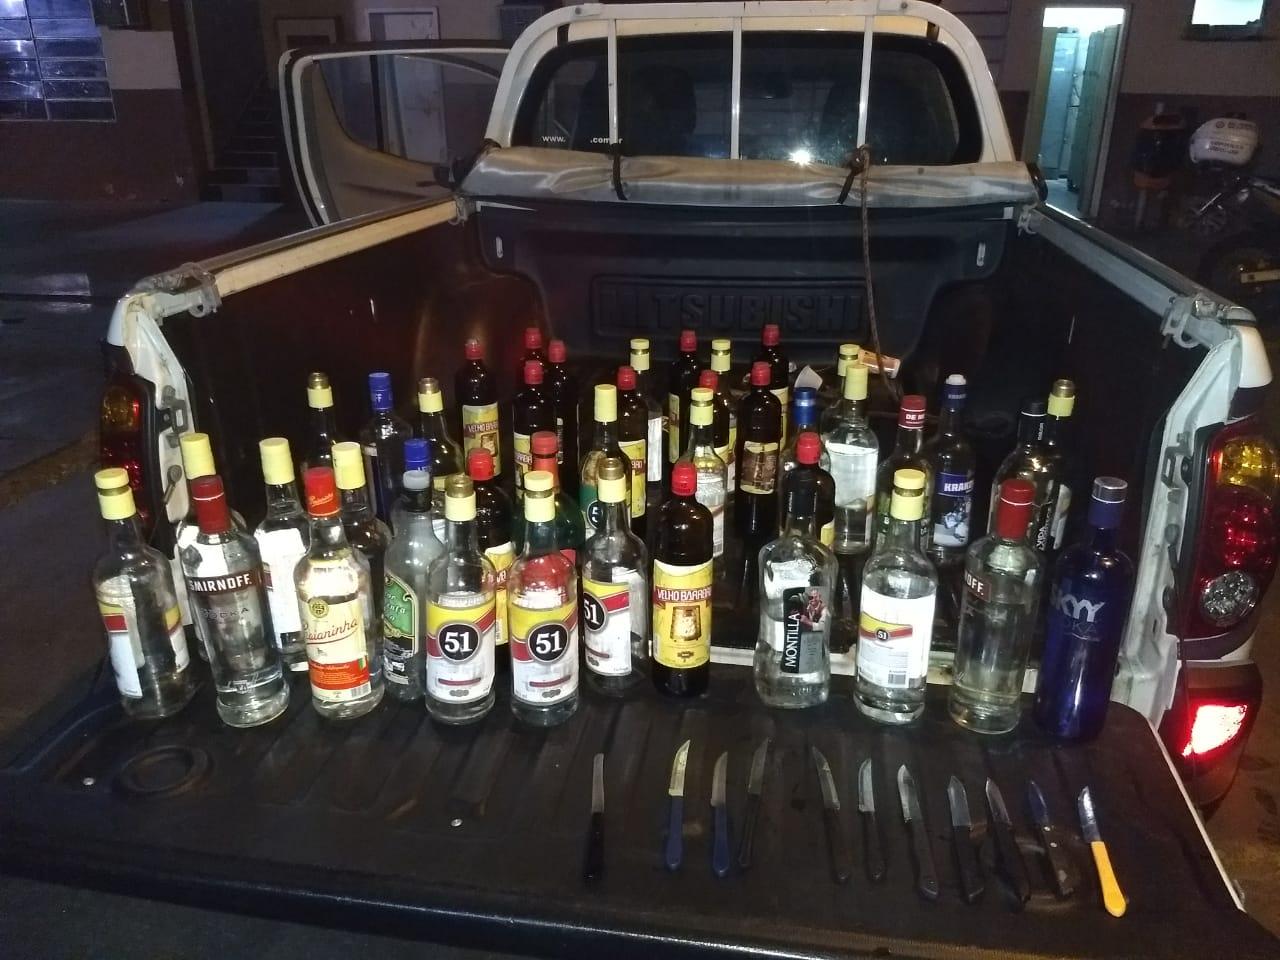 Guardas municipais apreendem 45 garrafas de bebidas em depósitos irregulares na Praia de Copacabana